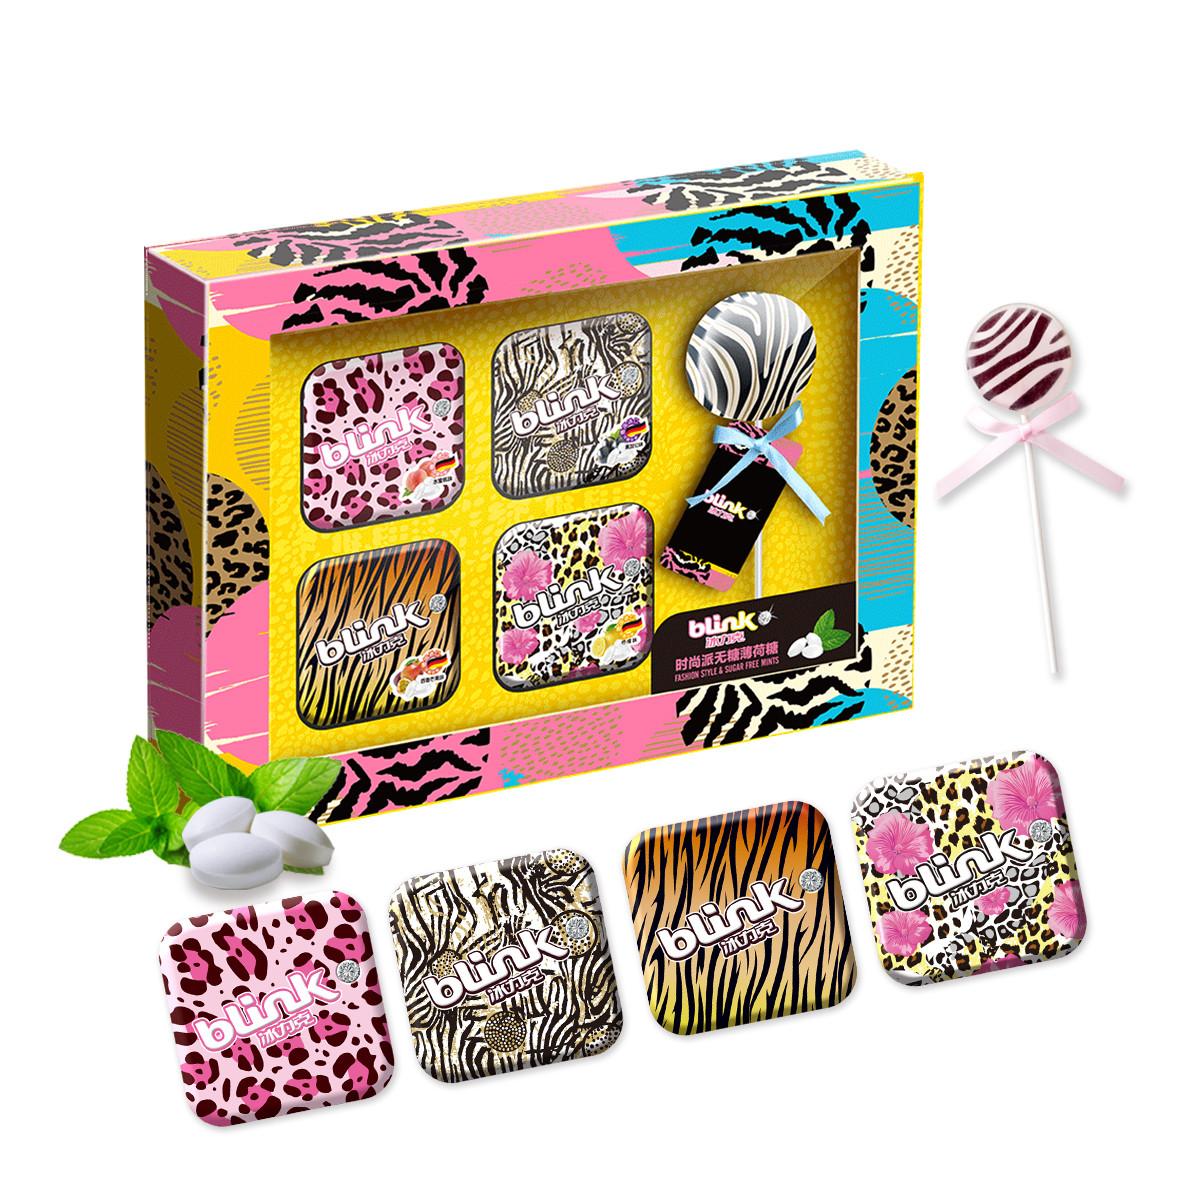 冰力克德国blink冰力克创意礼盒野兽派系列果粉含片糖零食送礼6936756219905